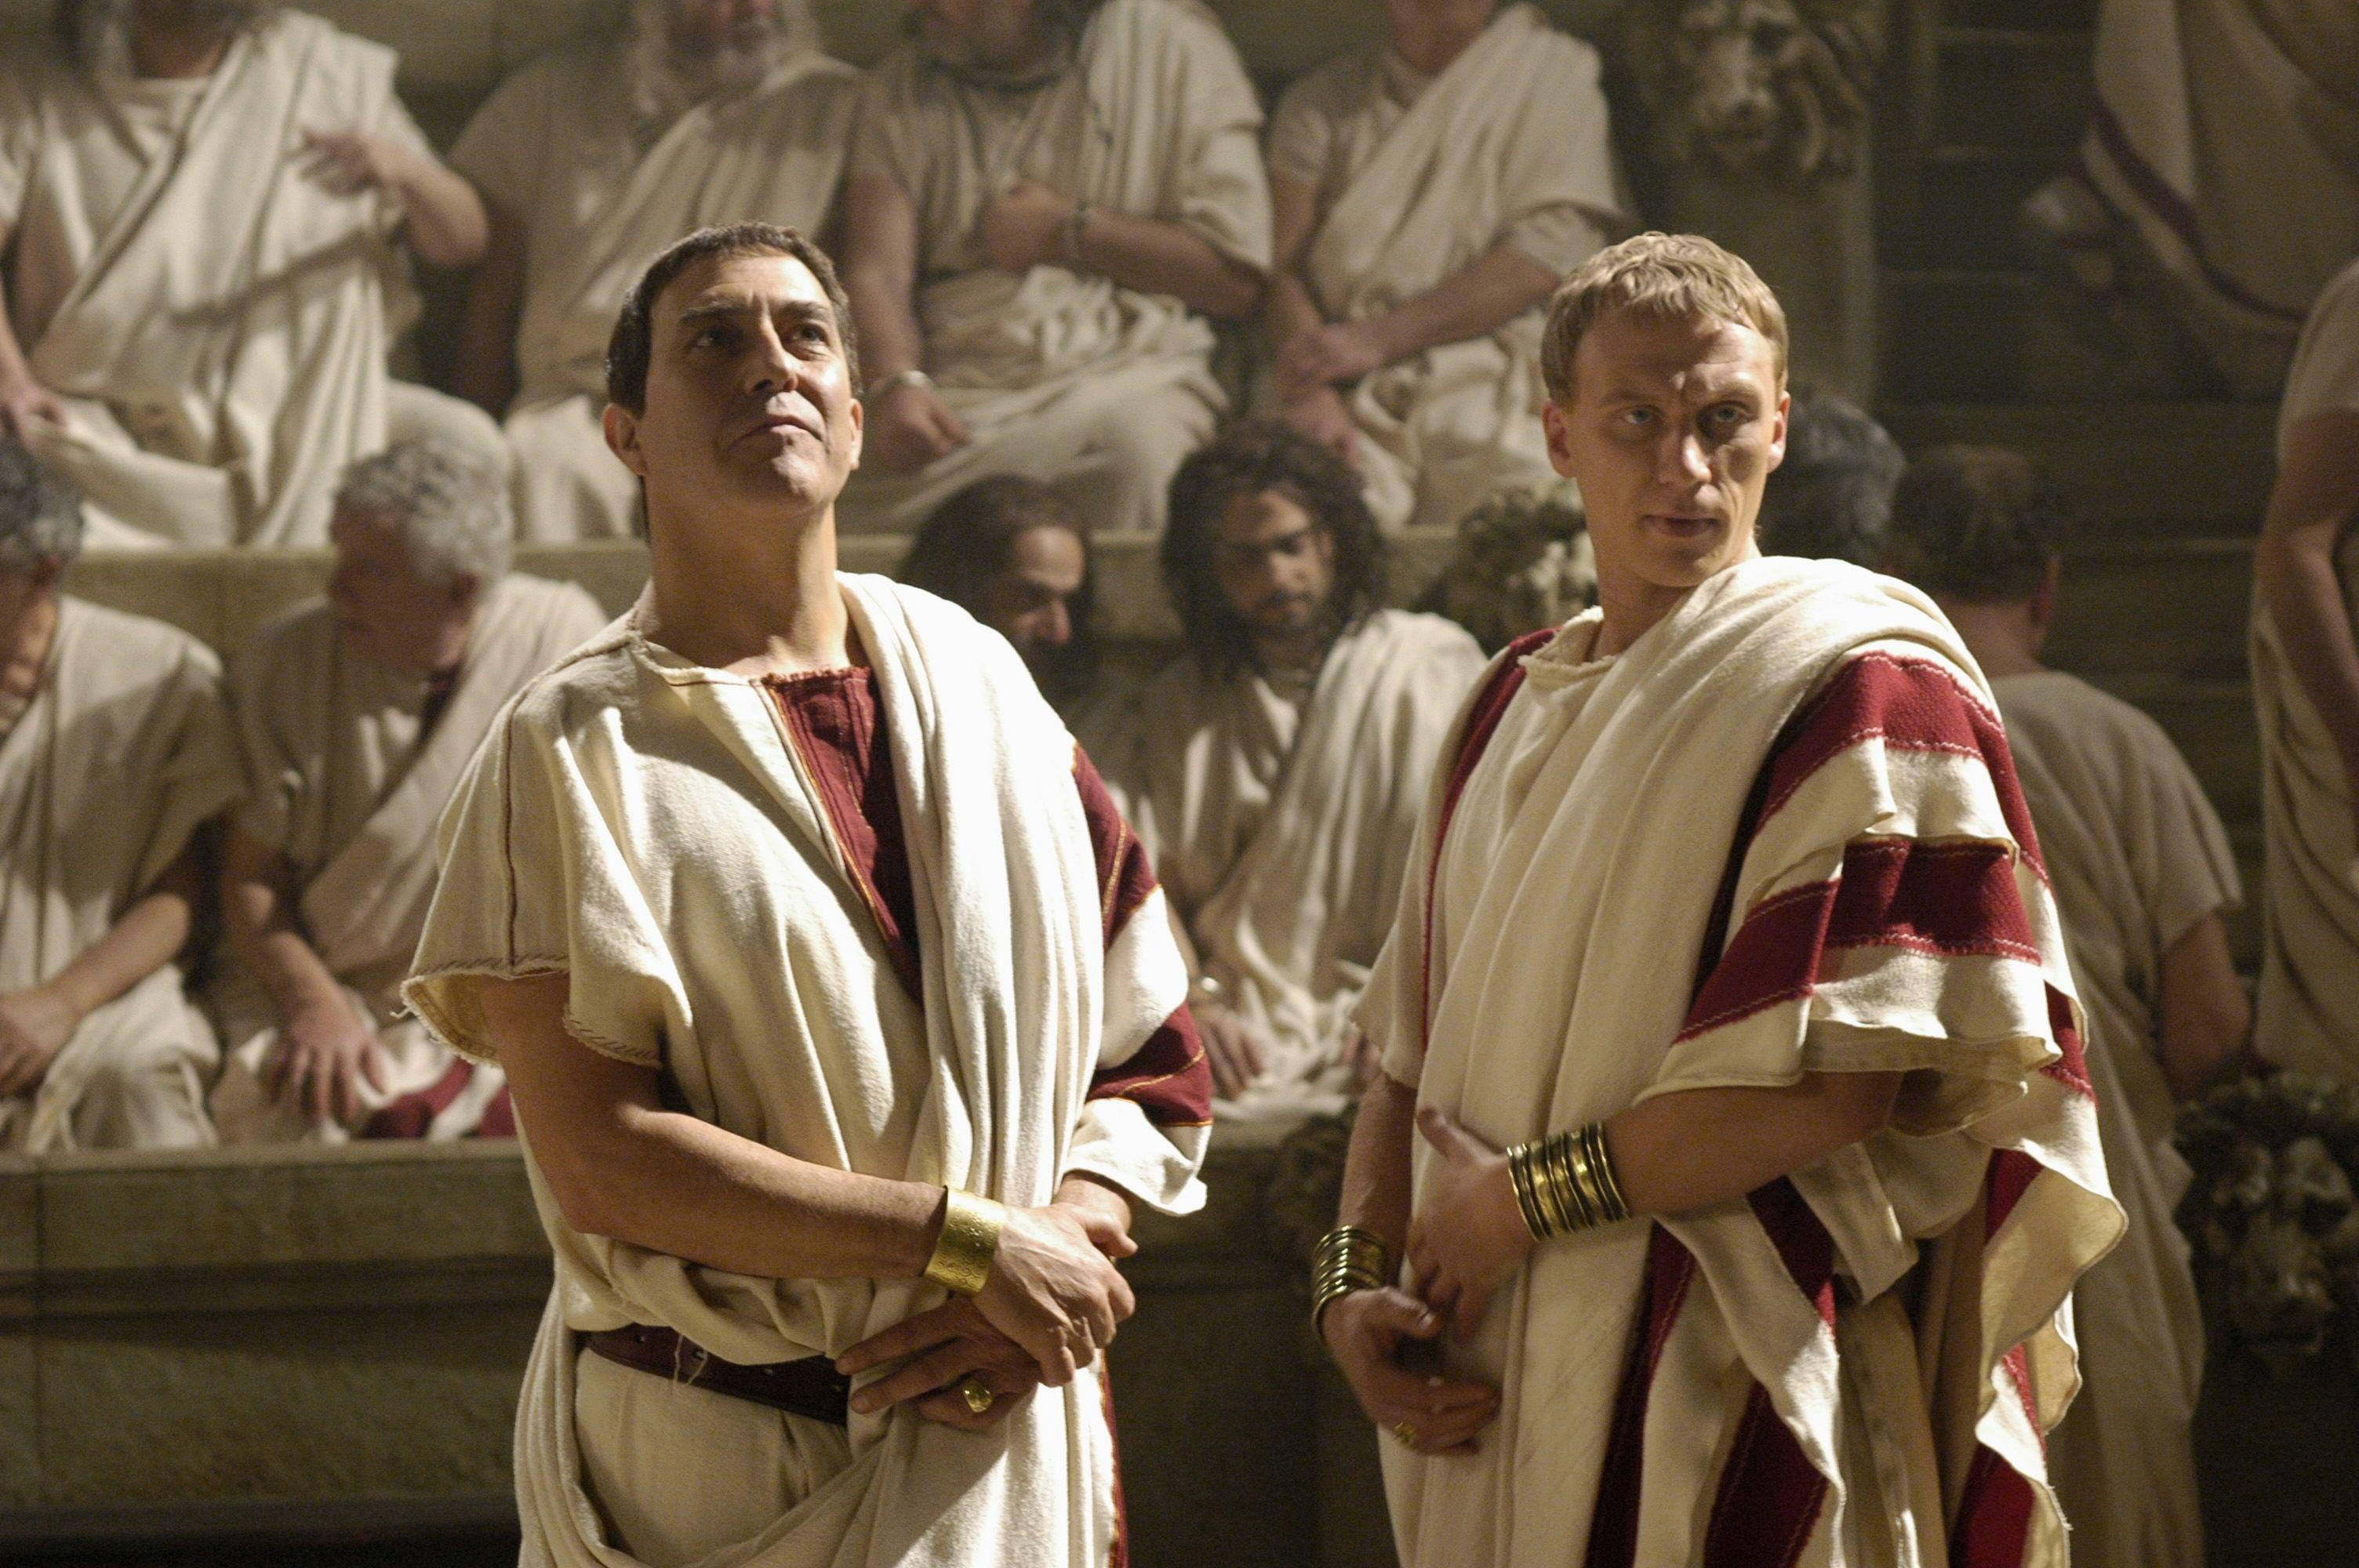 Rome TV Series - Season 1 Episode 12 Still | Foto, Immagini, Foto divertenti